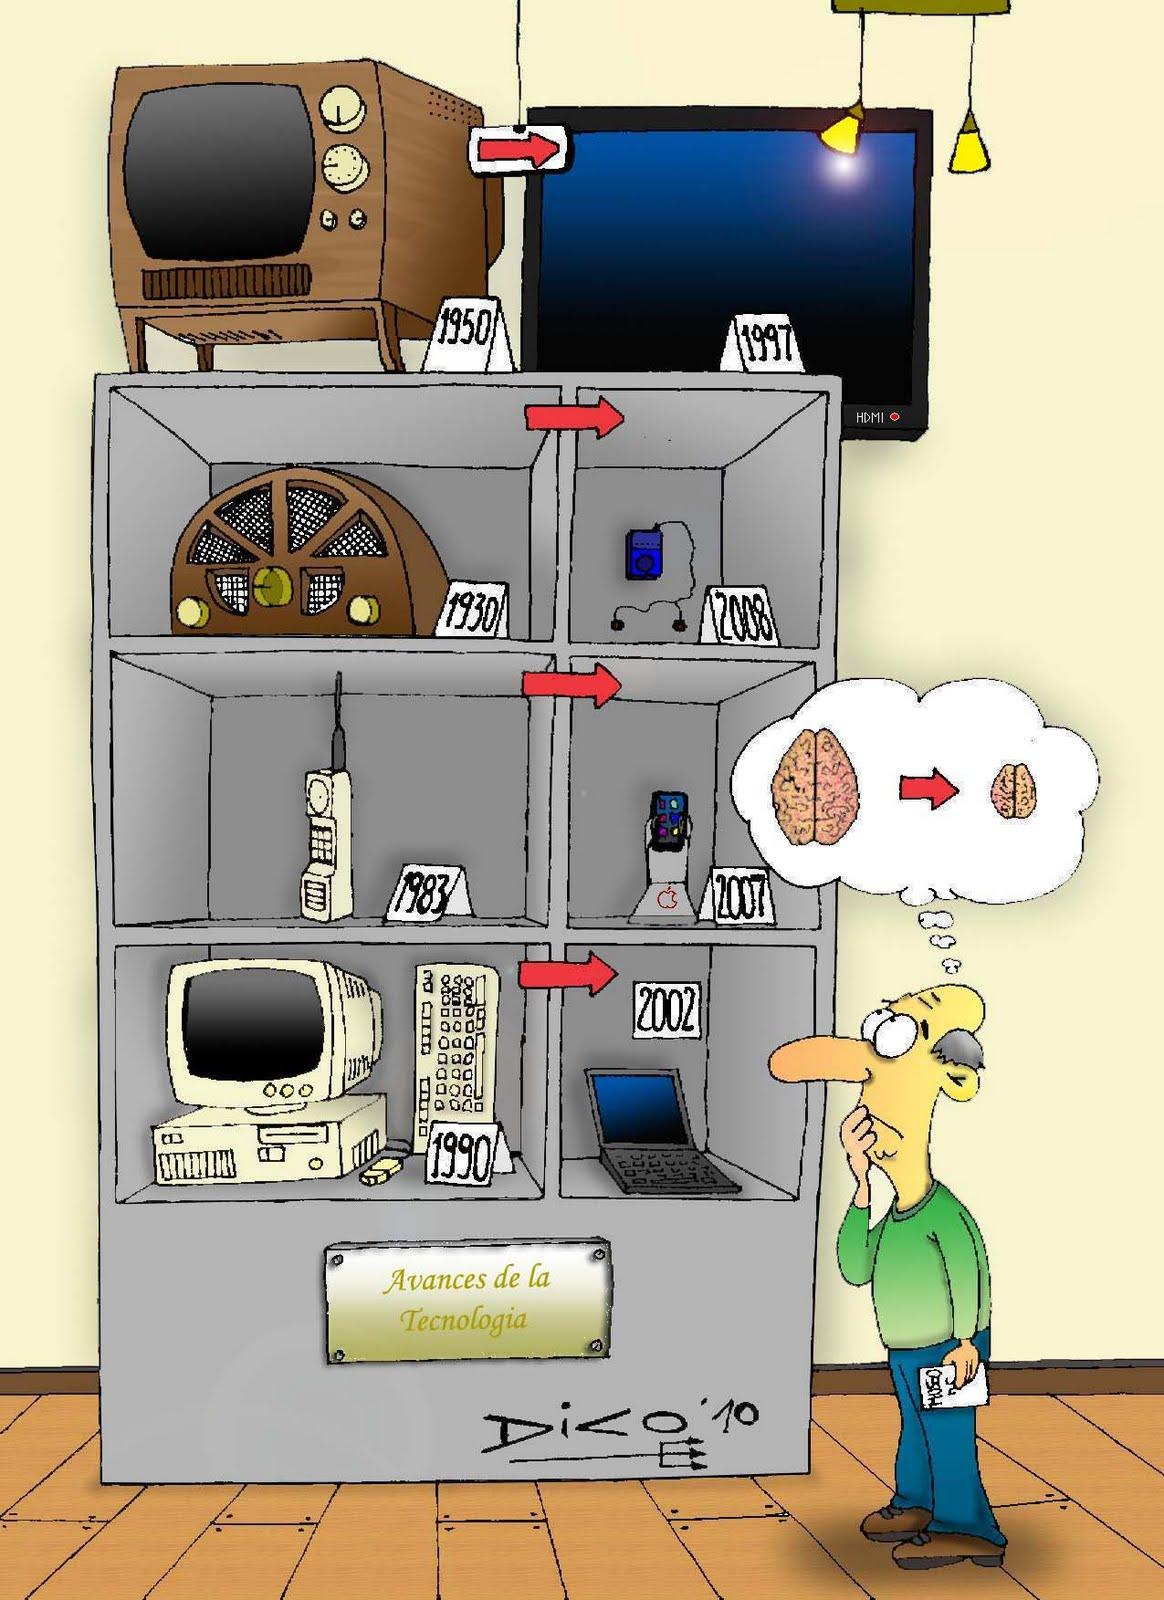 http://1.bp.blogspot.com/_UlC6BokADC8/TUq7Vt3edWI/AAAAAAAAAO8/2N7IKFI1UkU/s1600/Tecnologia%2Bcopia.jpg